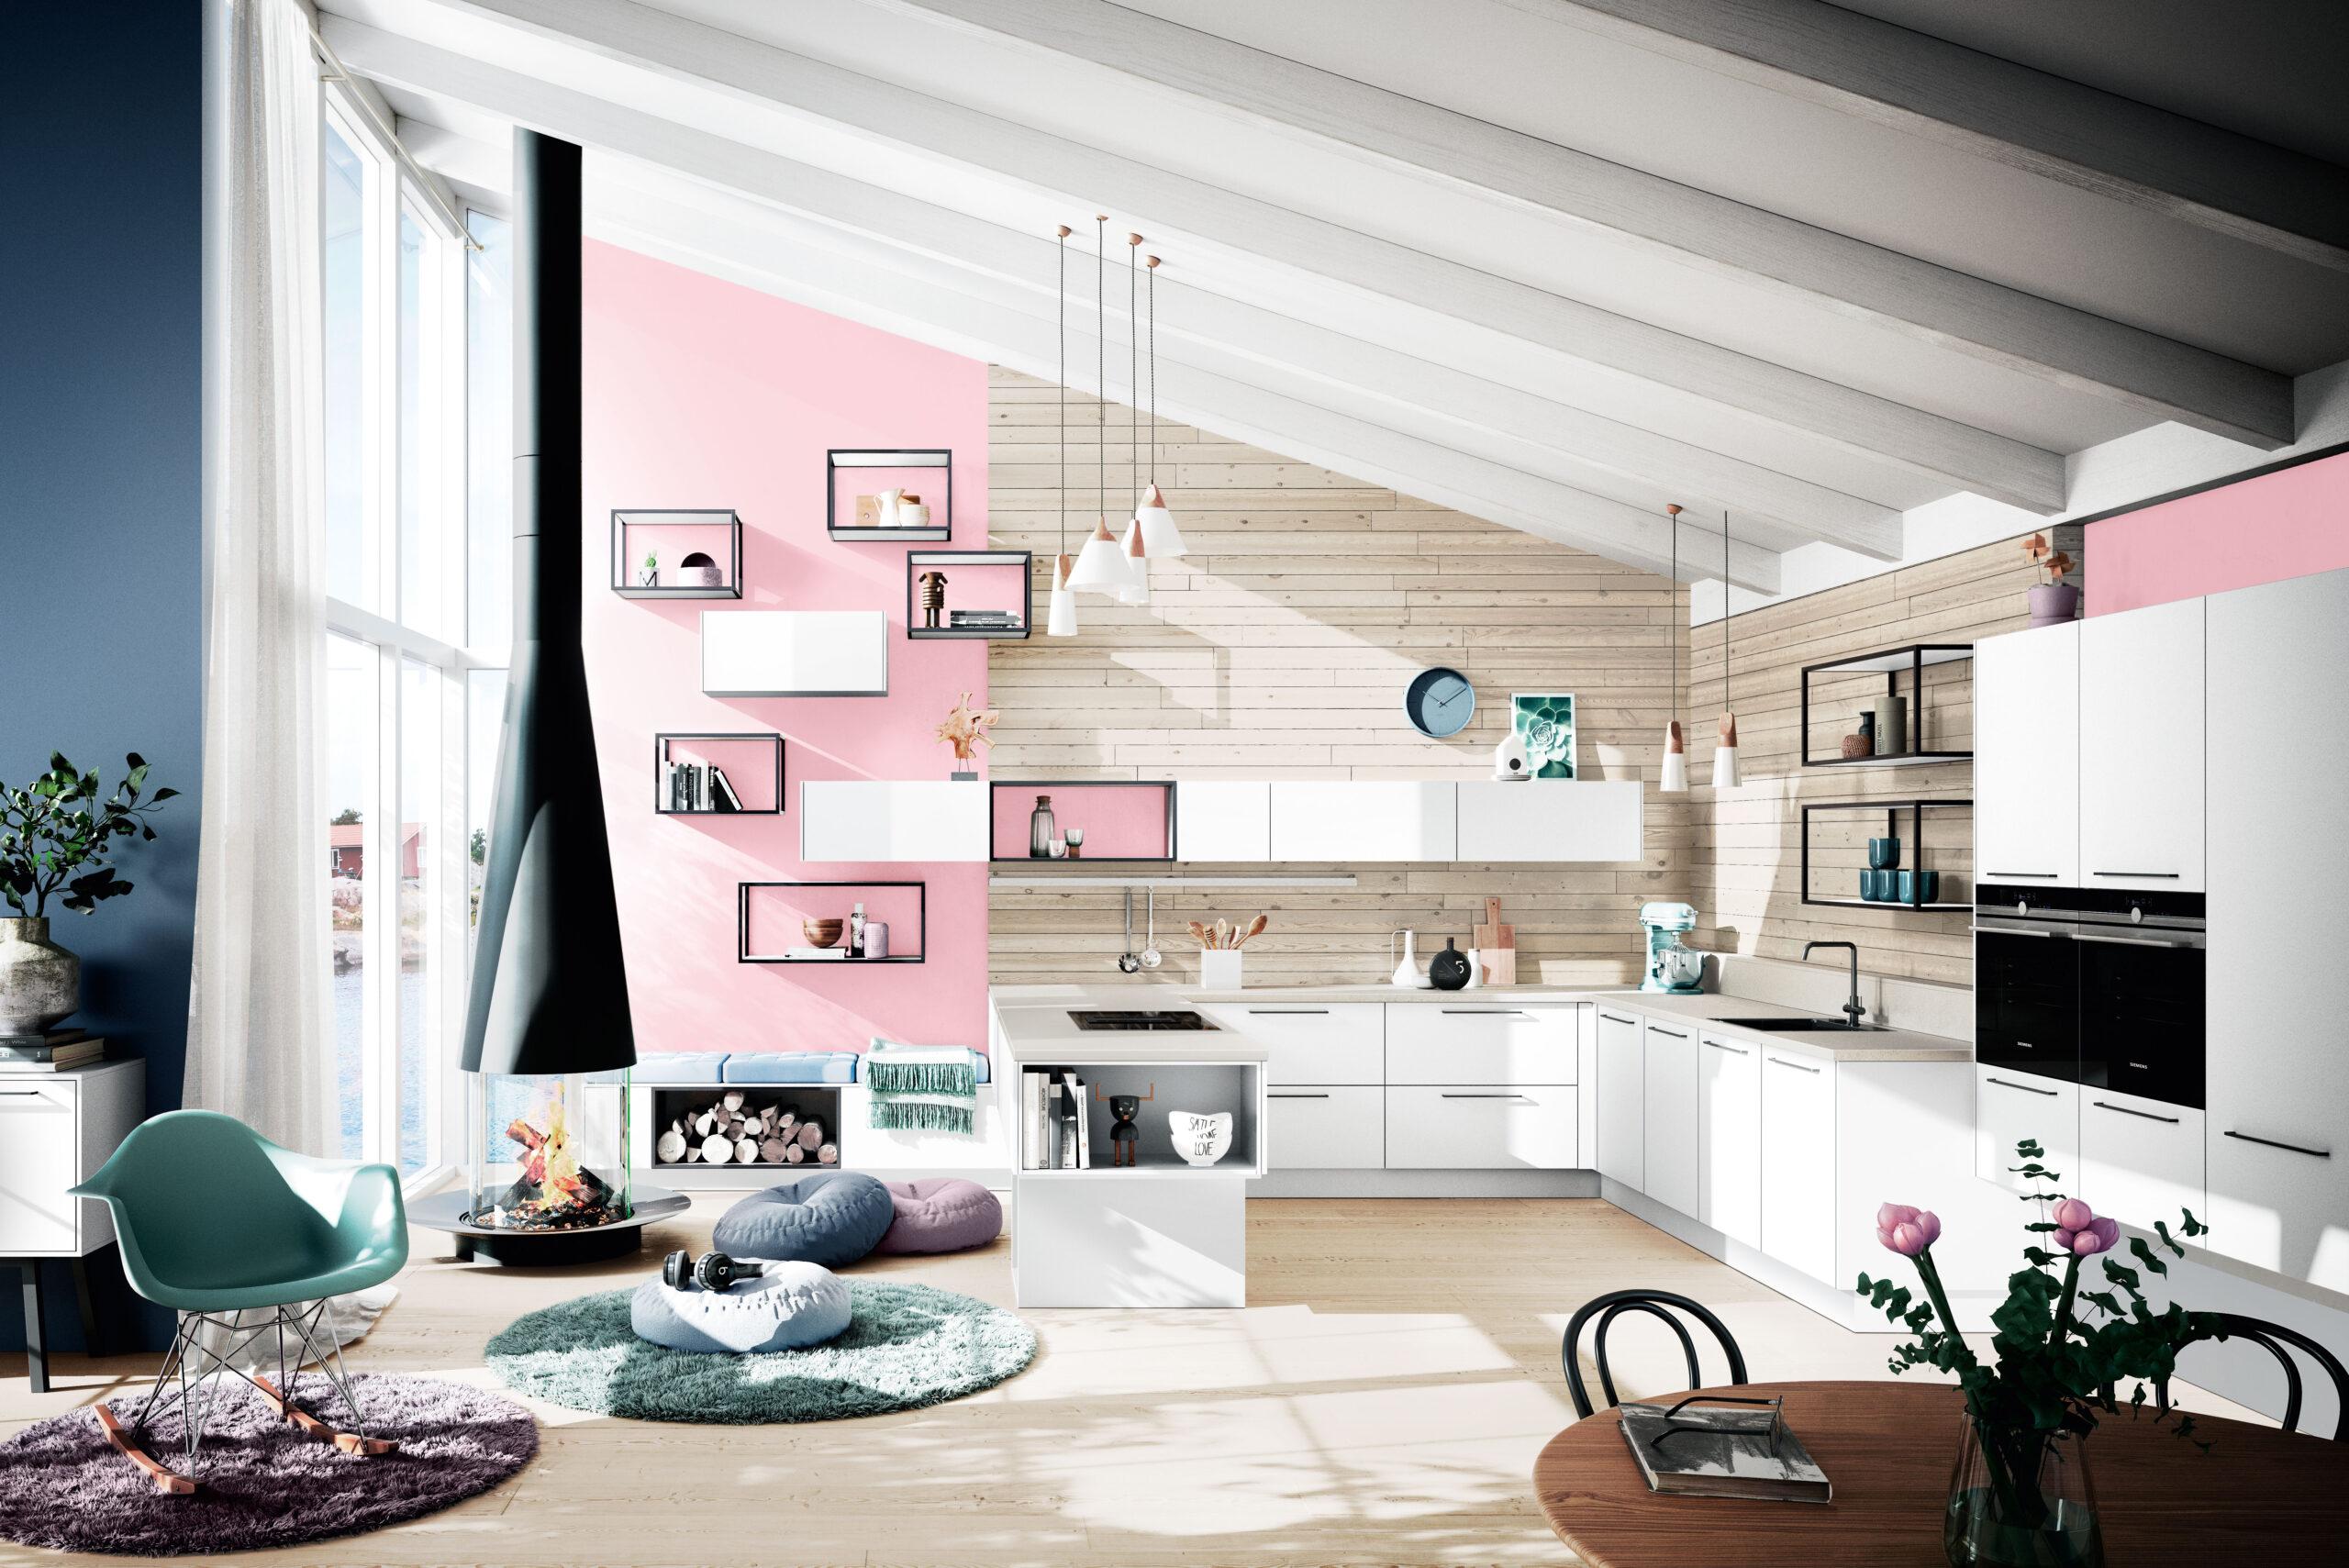 Full Size of Wandfarbe Rosa Pastelltne In Der Kche So Integrieren Sie Eiscremefarben Zu Hause Küche Wohnzimmer Wandfarbe Rosa